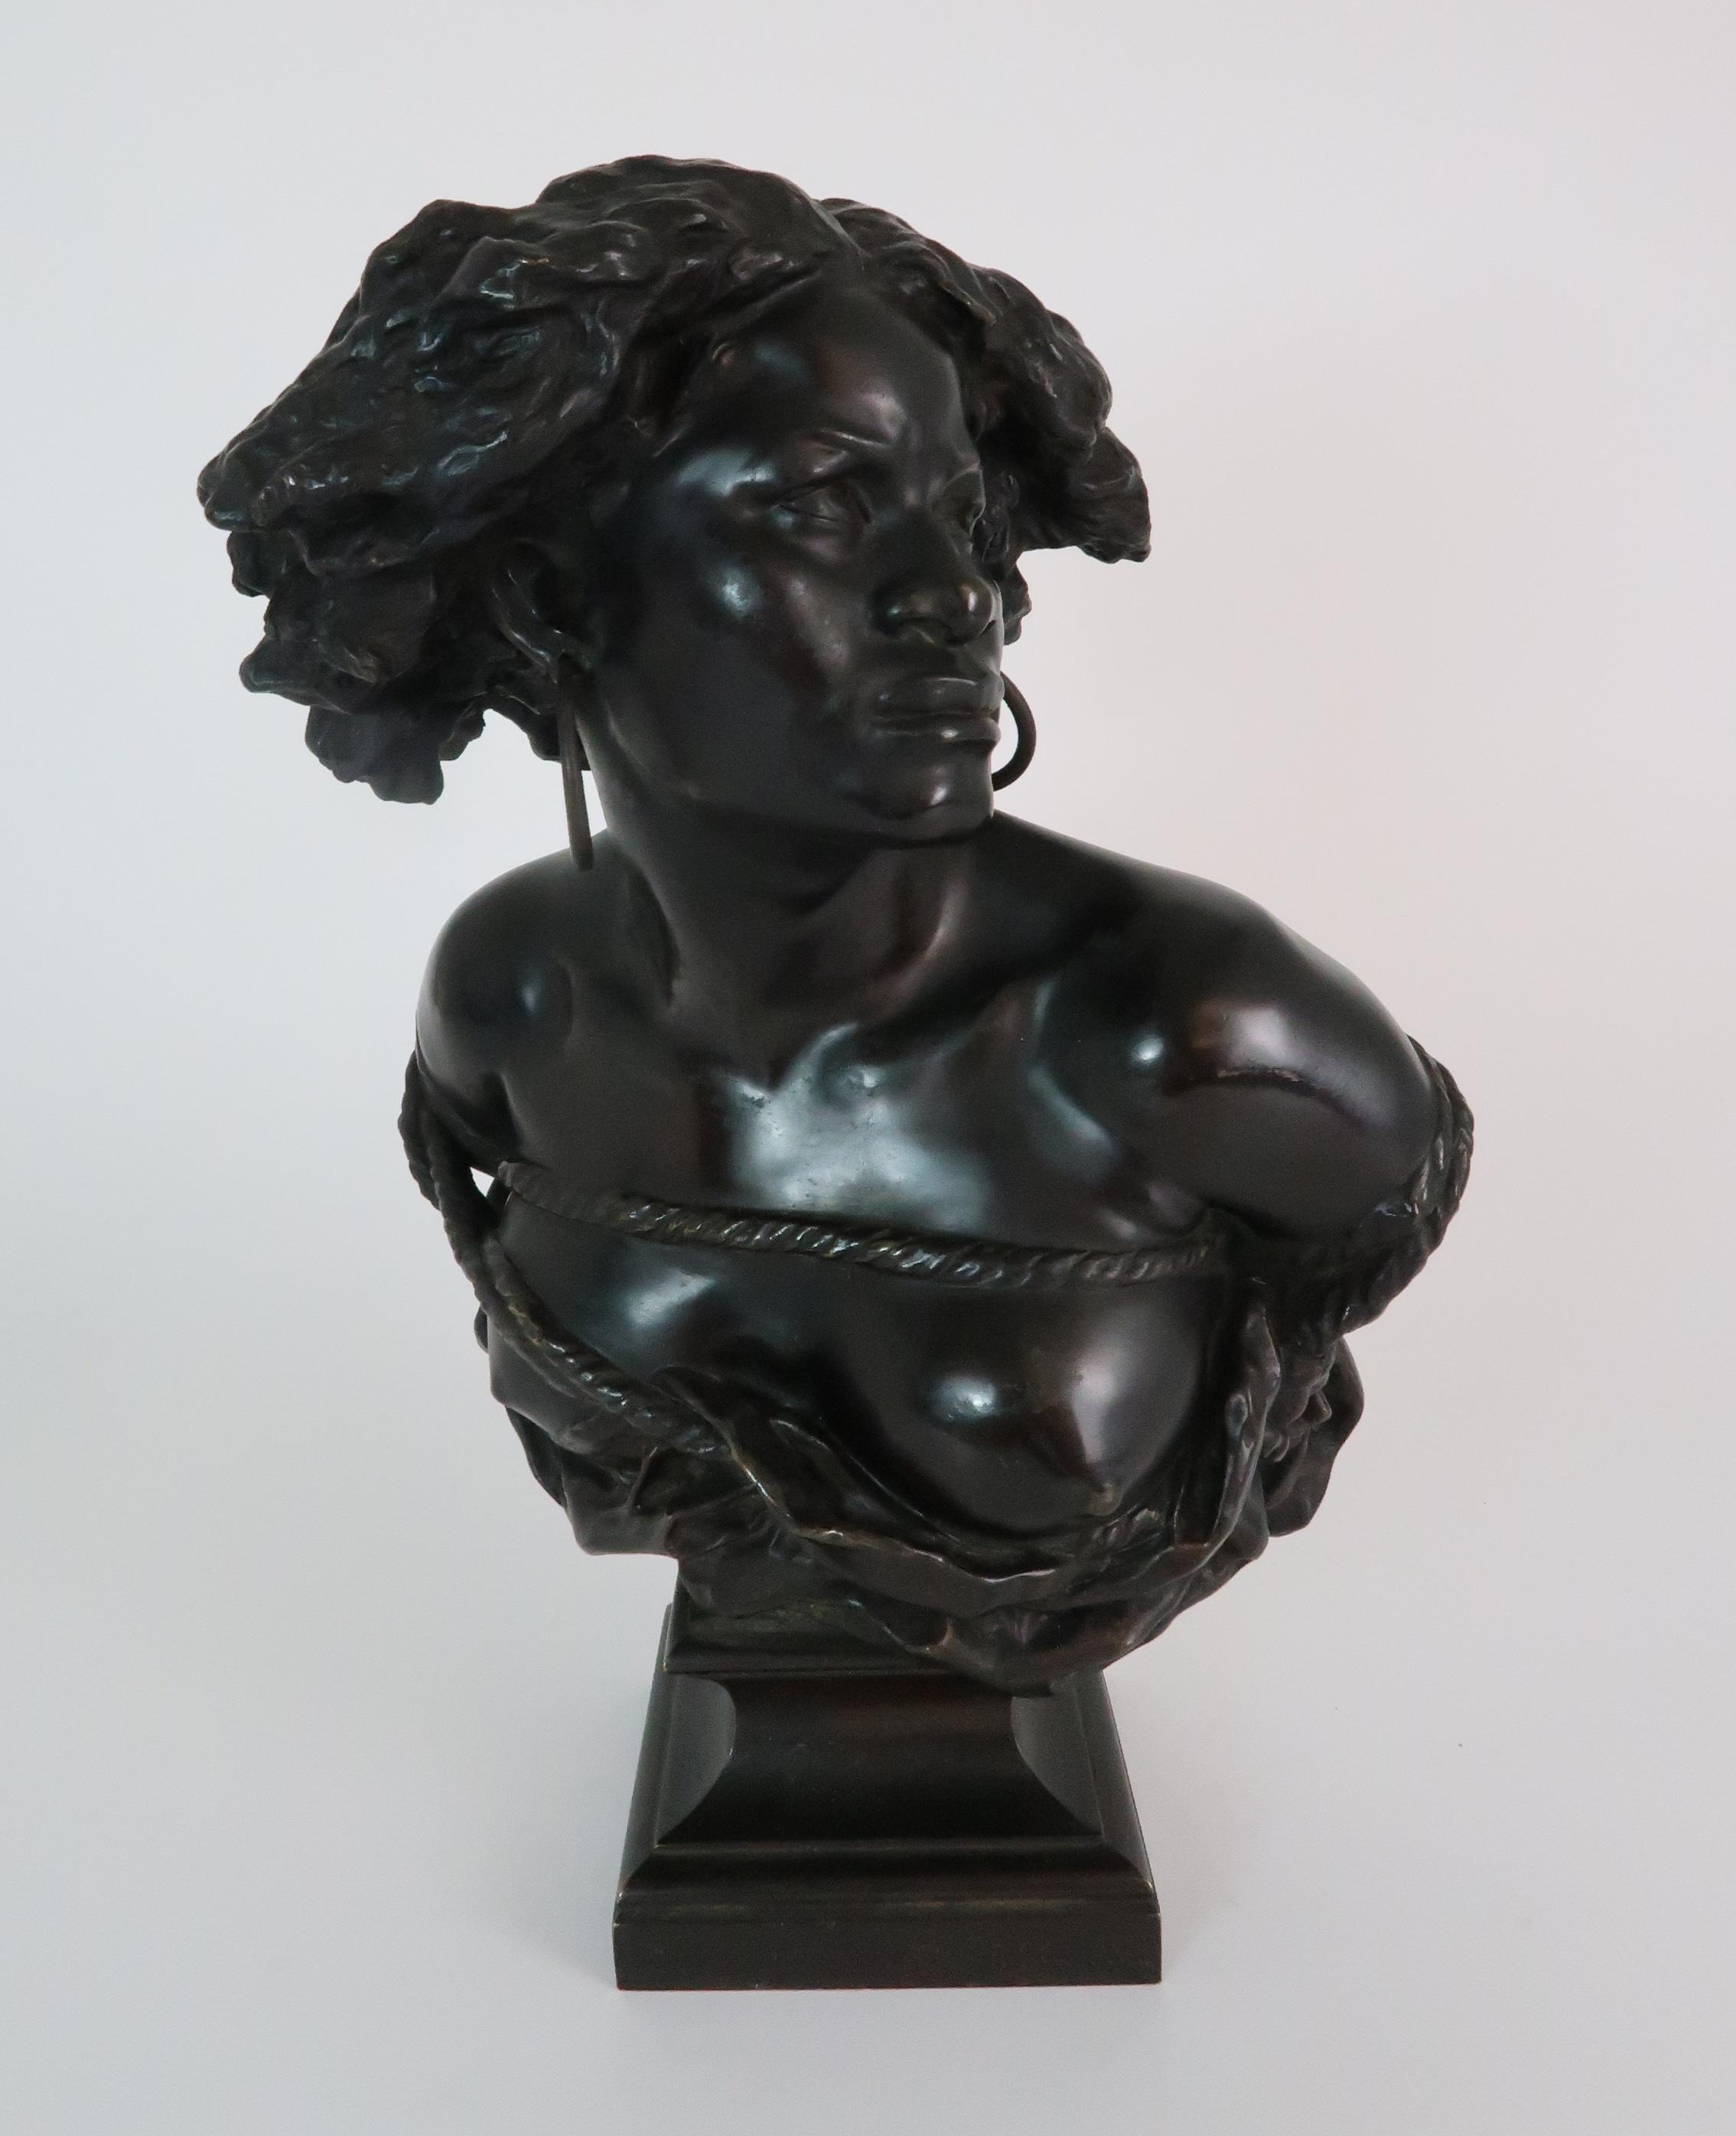 AFTER JEAN-BAPTISTE CARPEAUX (FRENCH 1827-1875) - POUR QUOINAITRE ESCLAVE a bronze bust of a